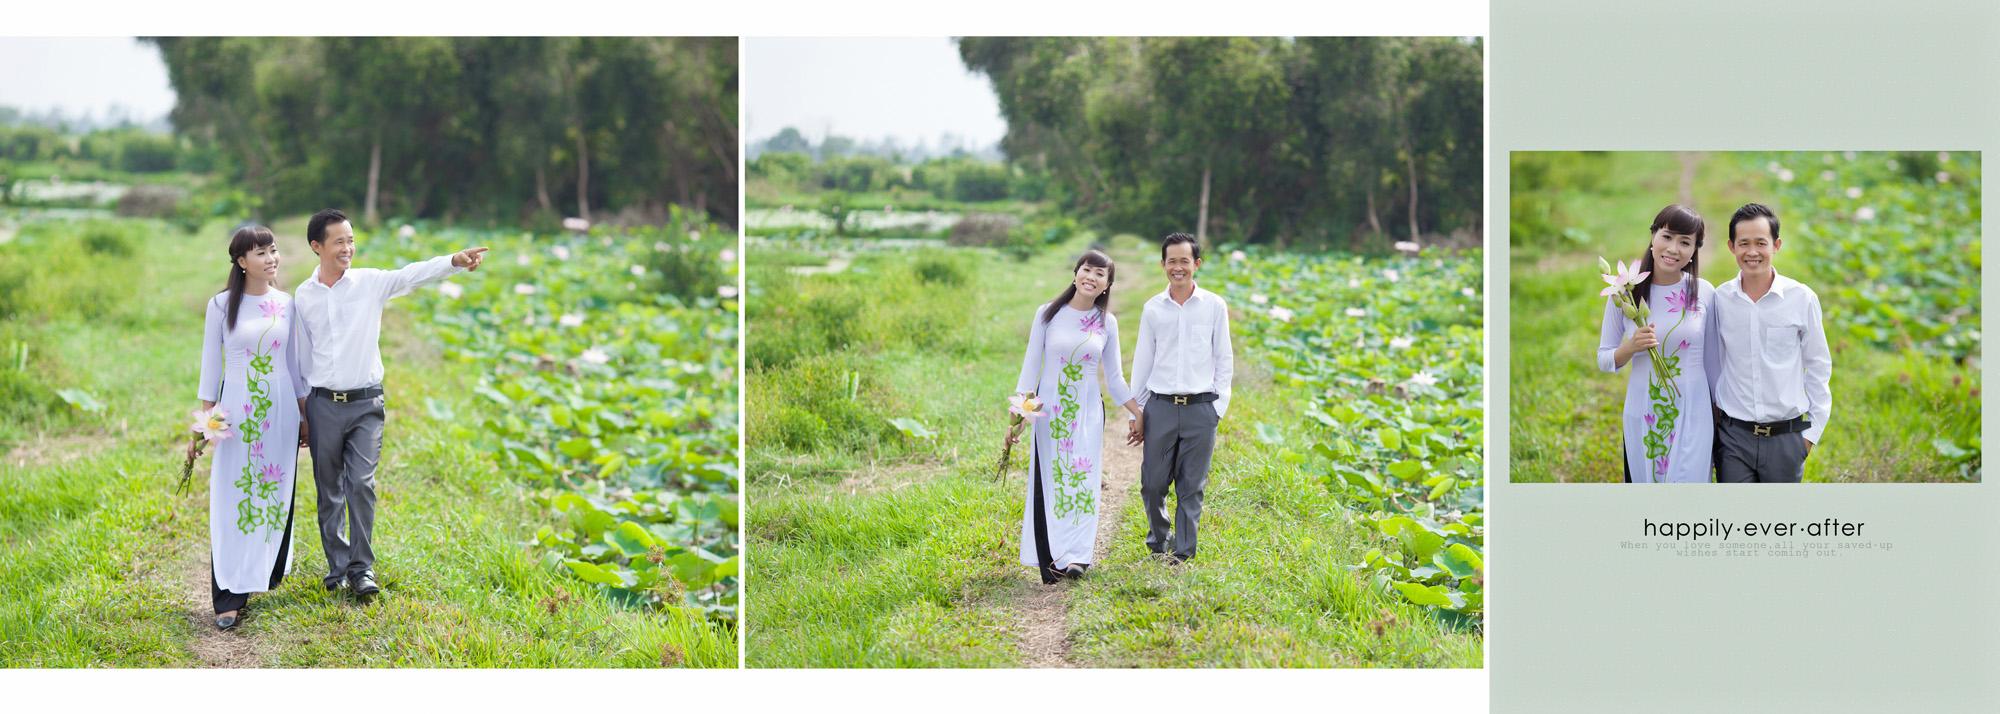 Album chụp hình cưới Hoàng và My 4